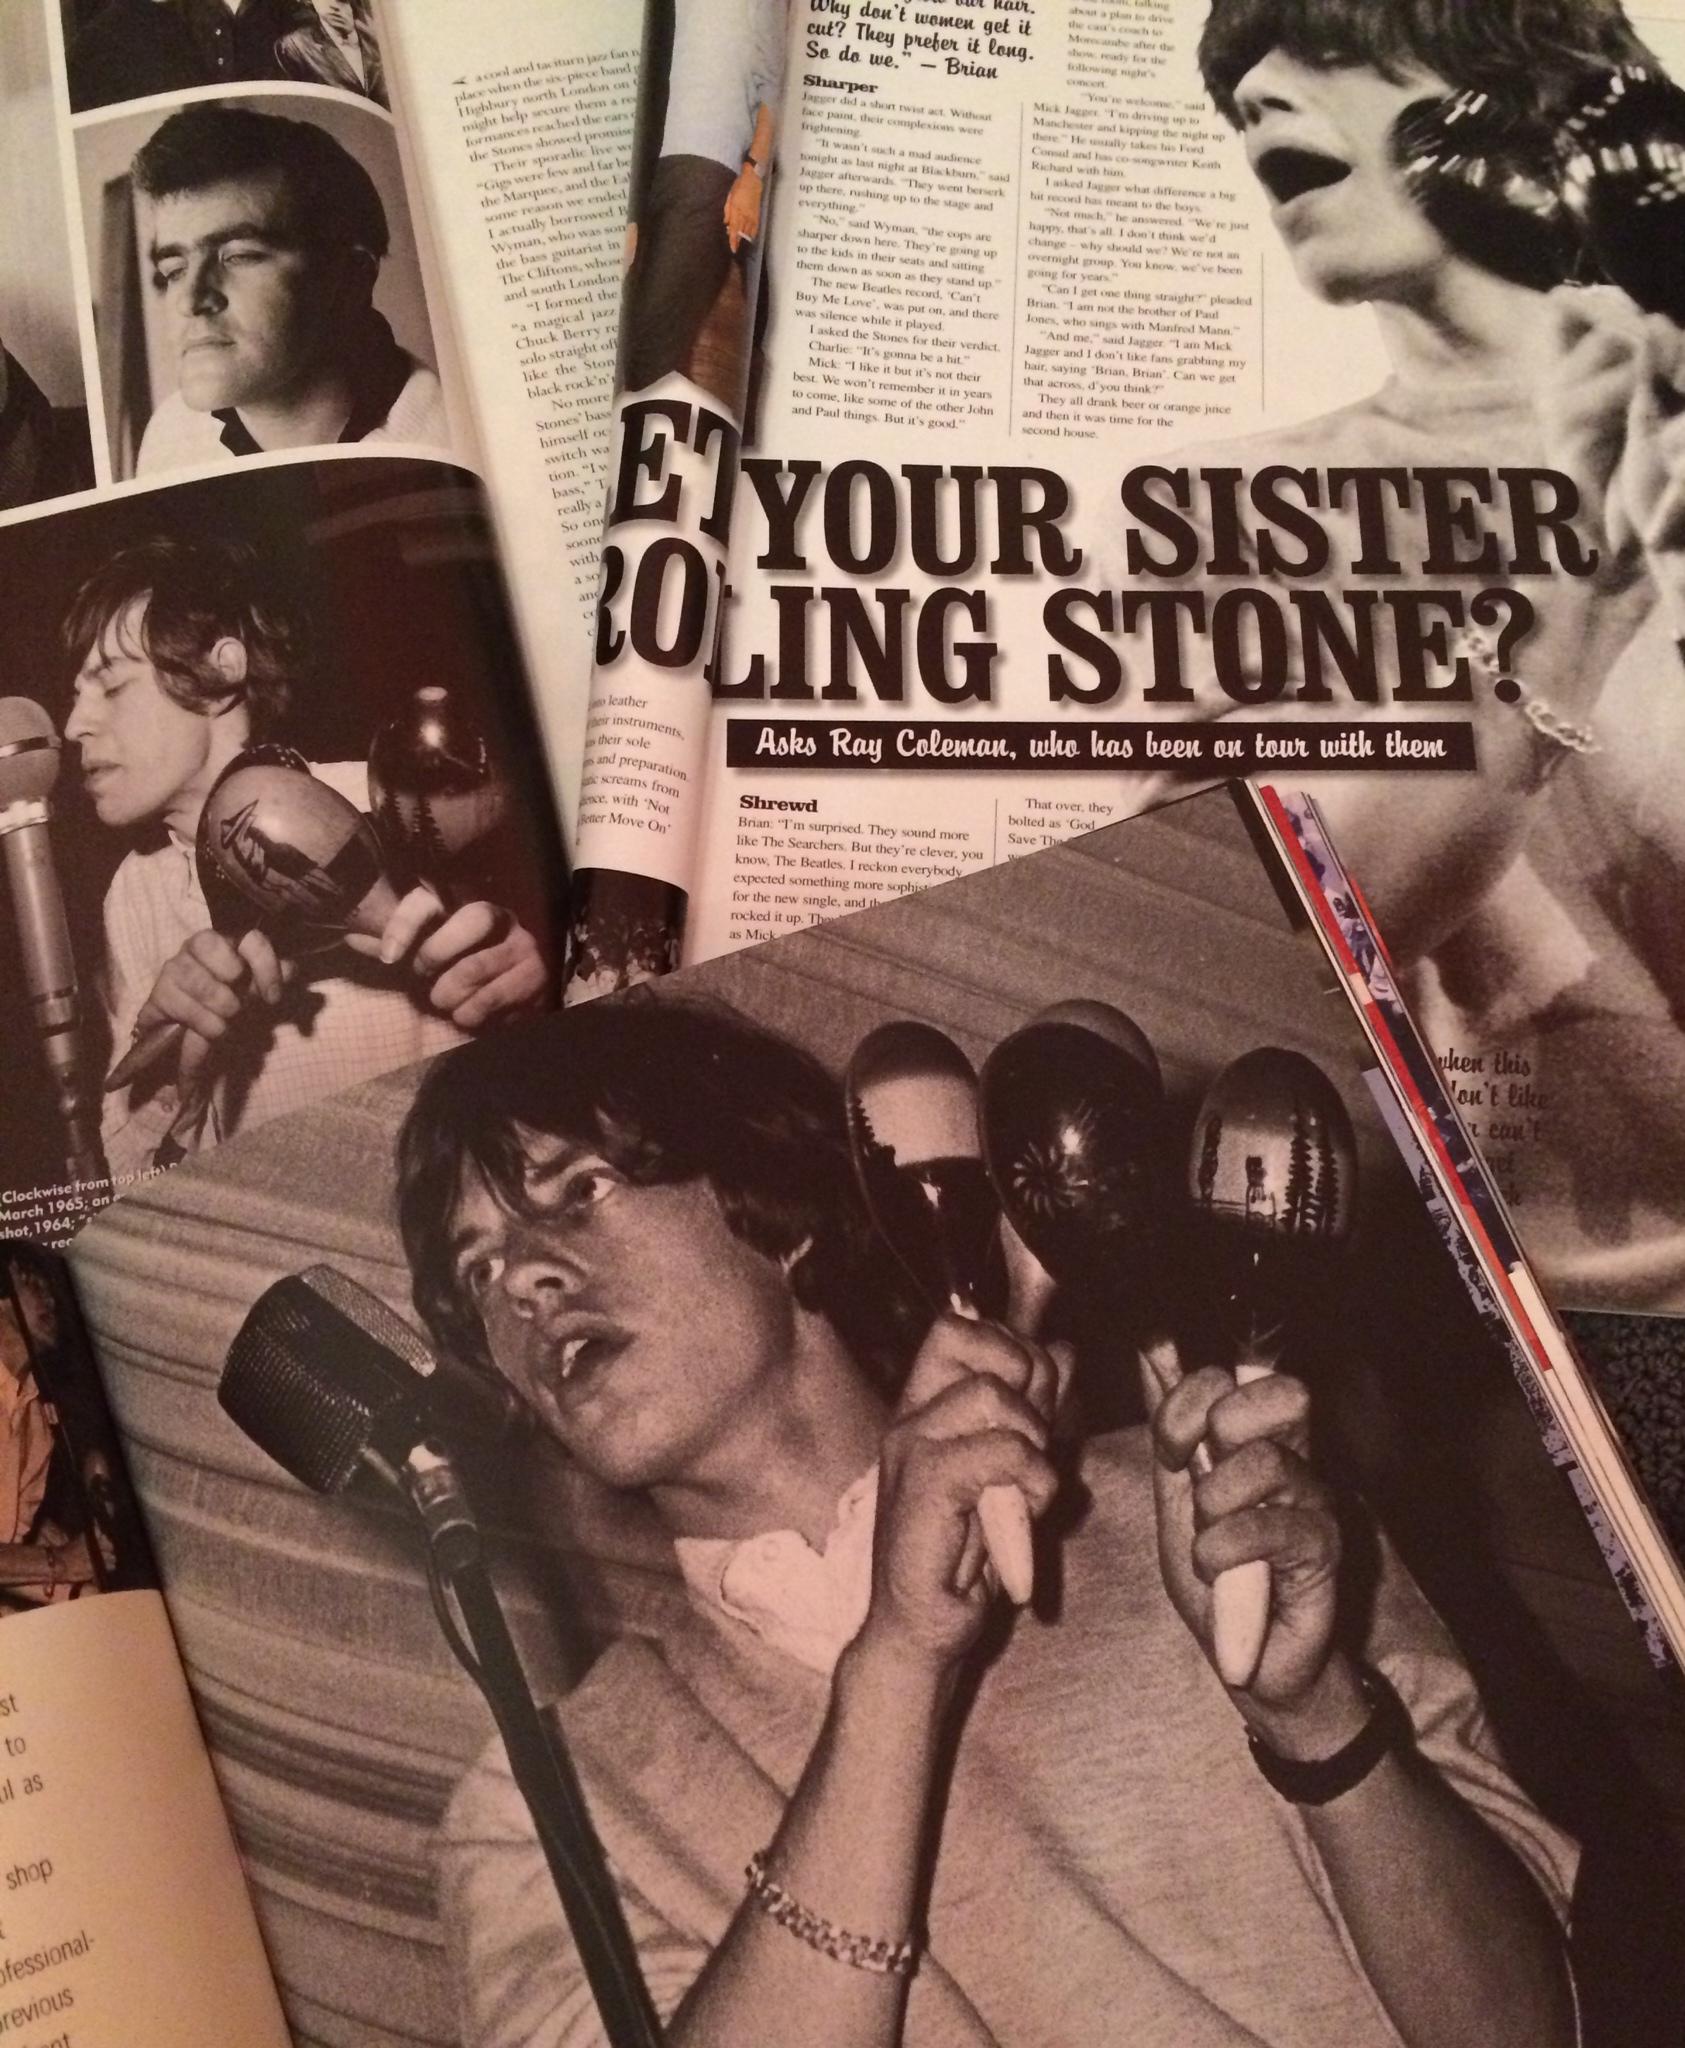 Mick Jagger maracas